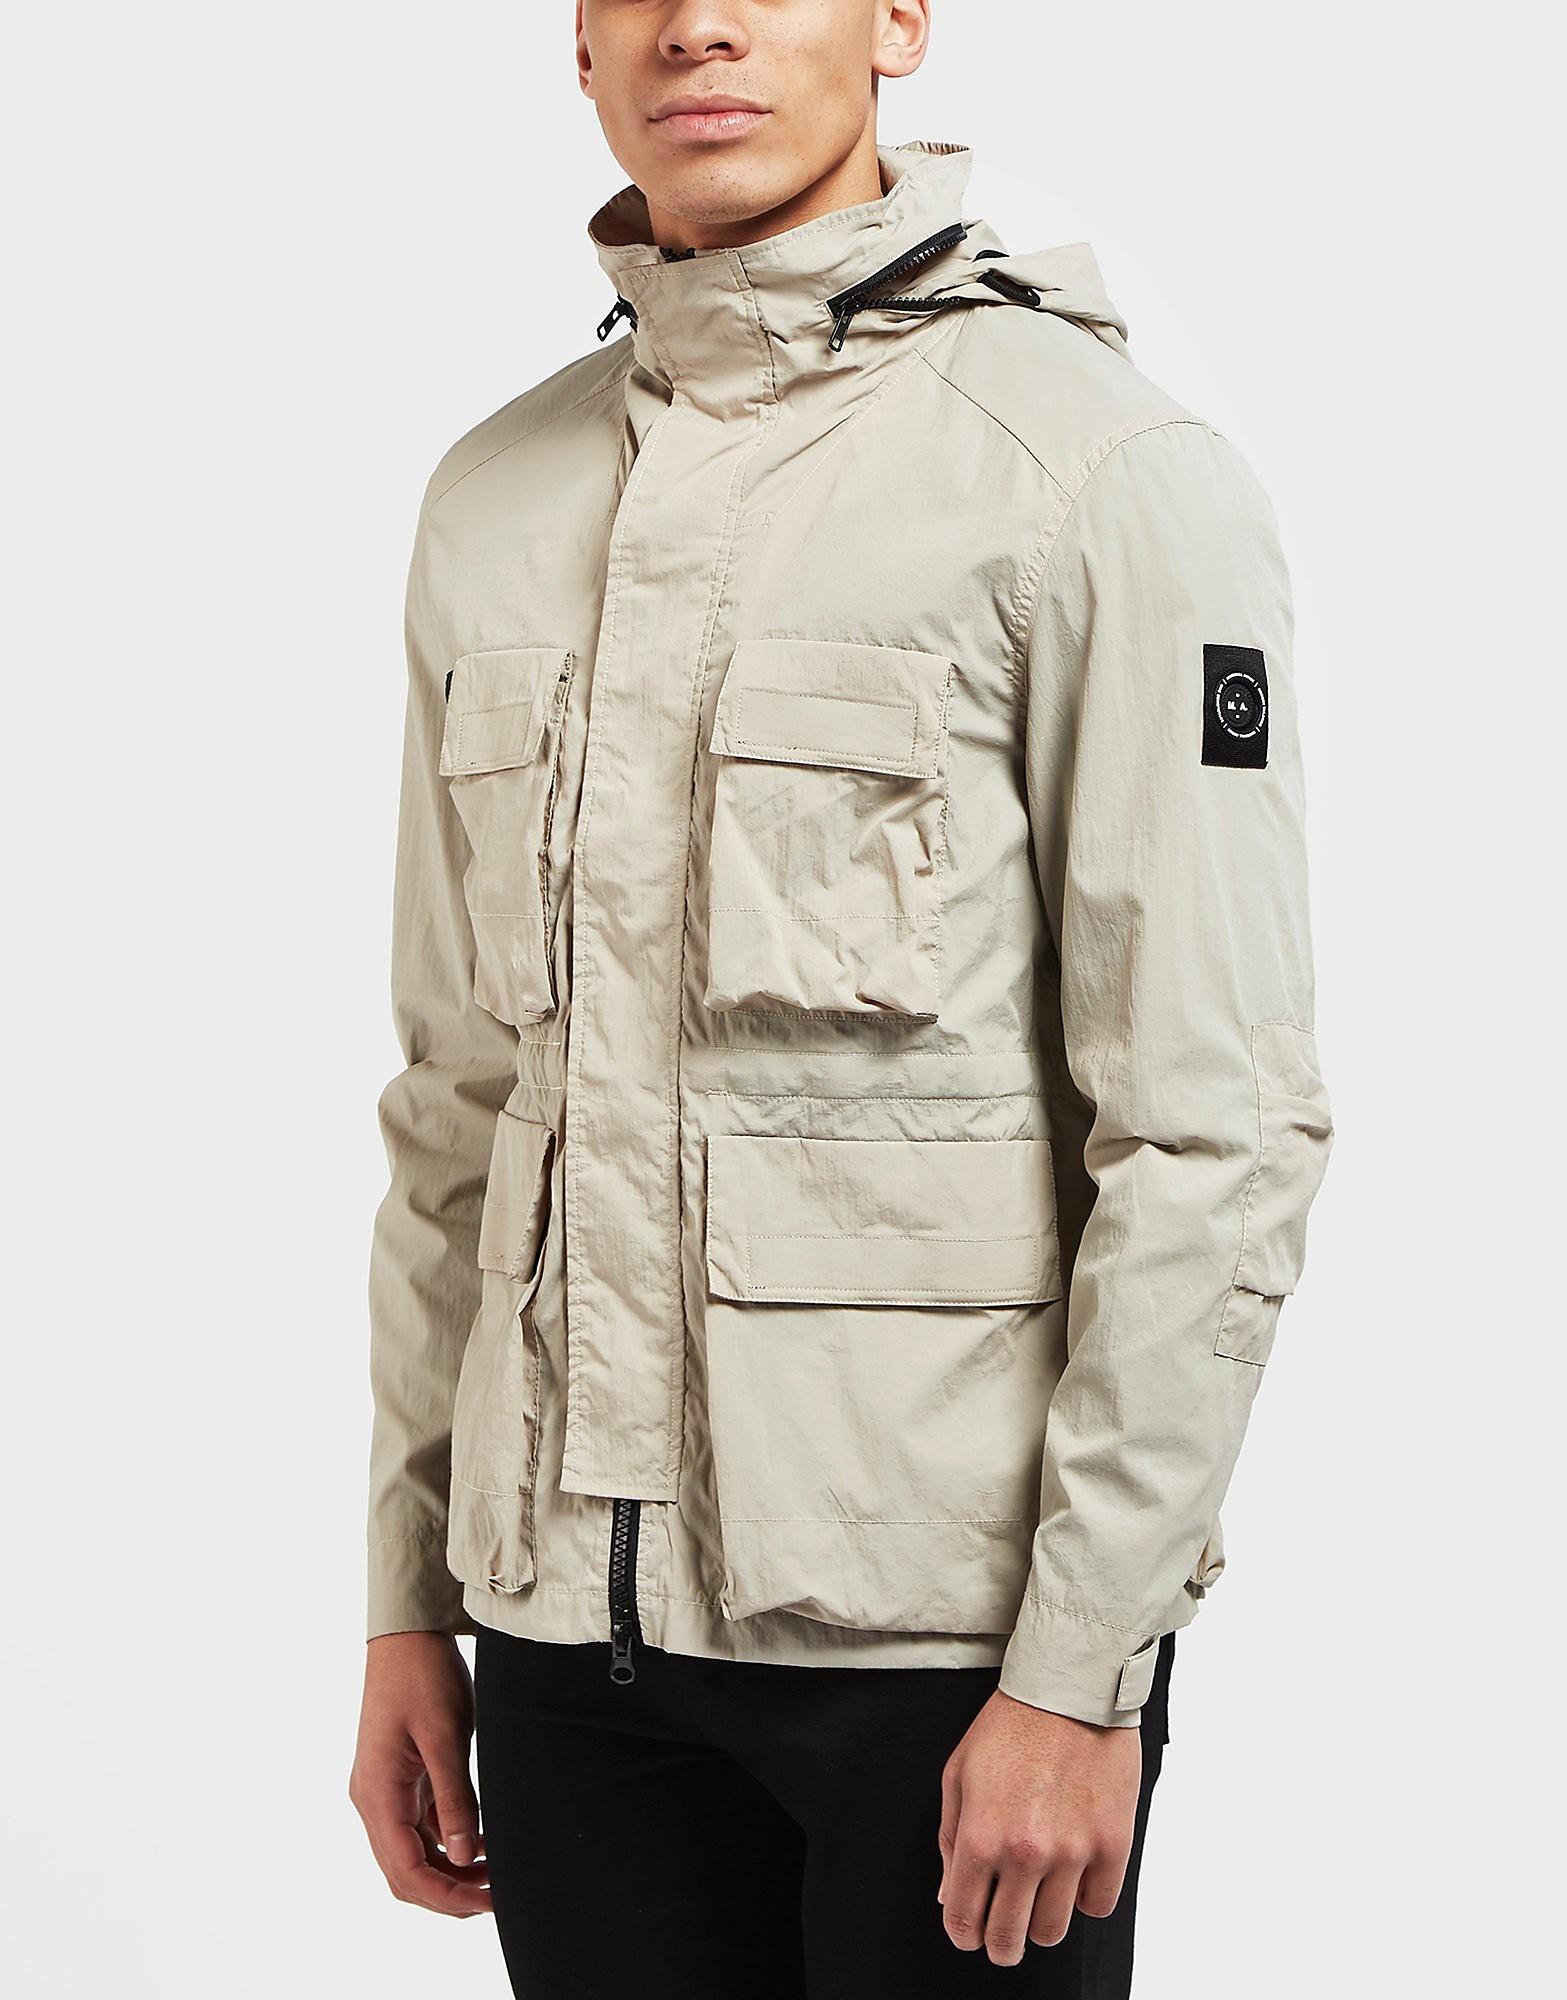 Marshall Artist Padded Compacta Field Jacket